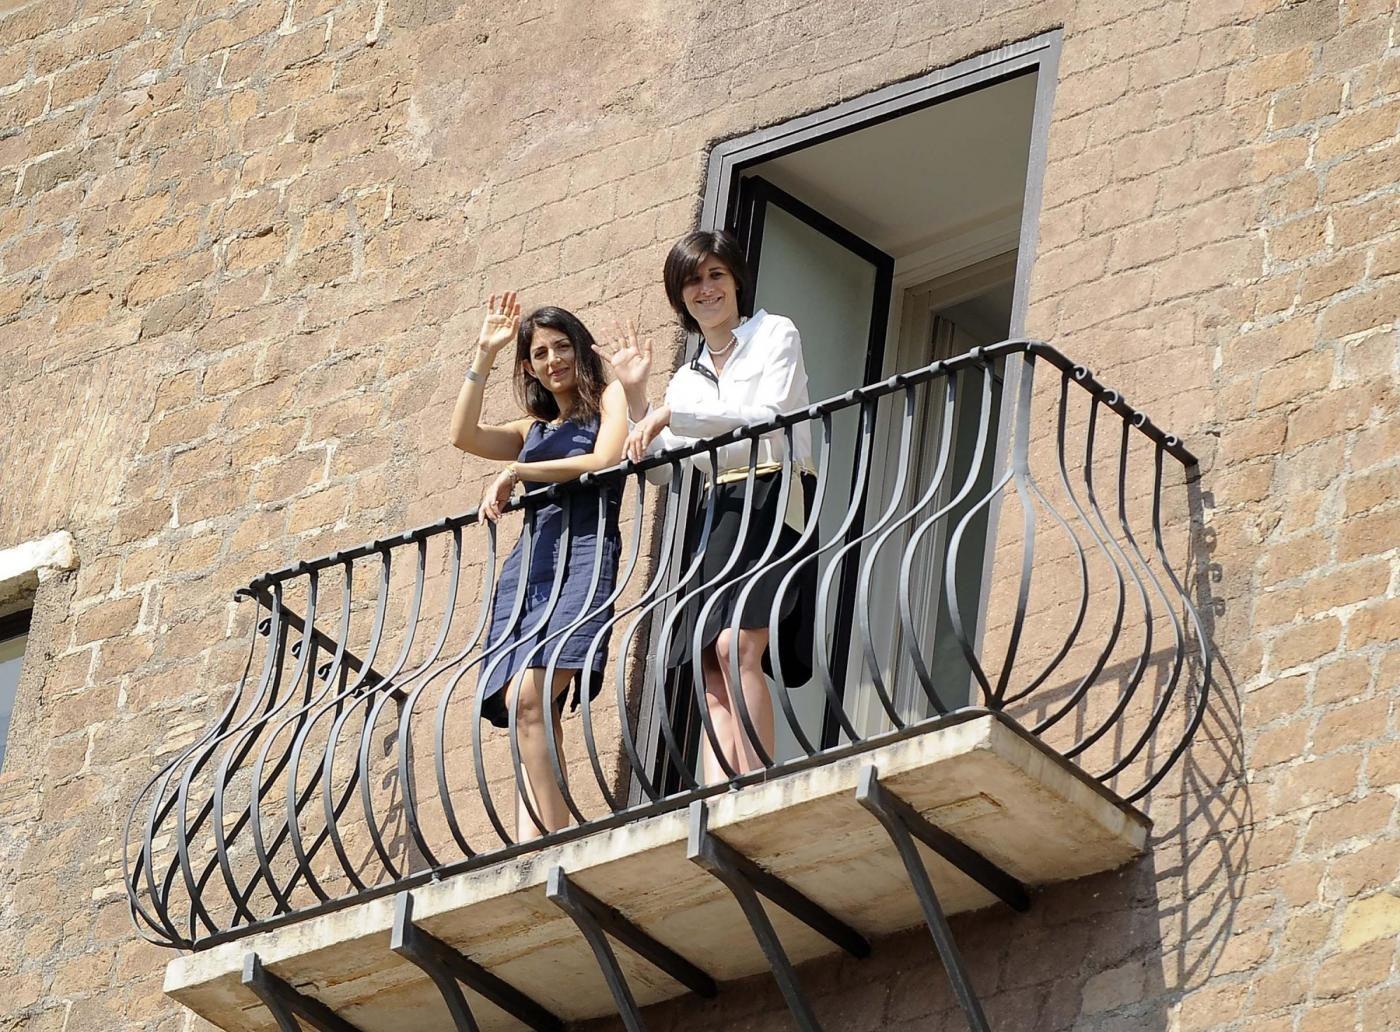 Allarme bomba a Torino, ordigno alla sindaca Appendino: il messaggio di Virginia Raggi